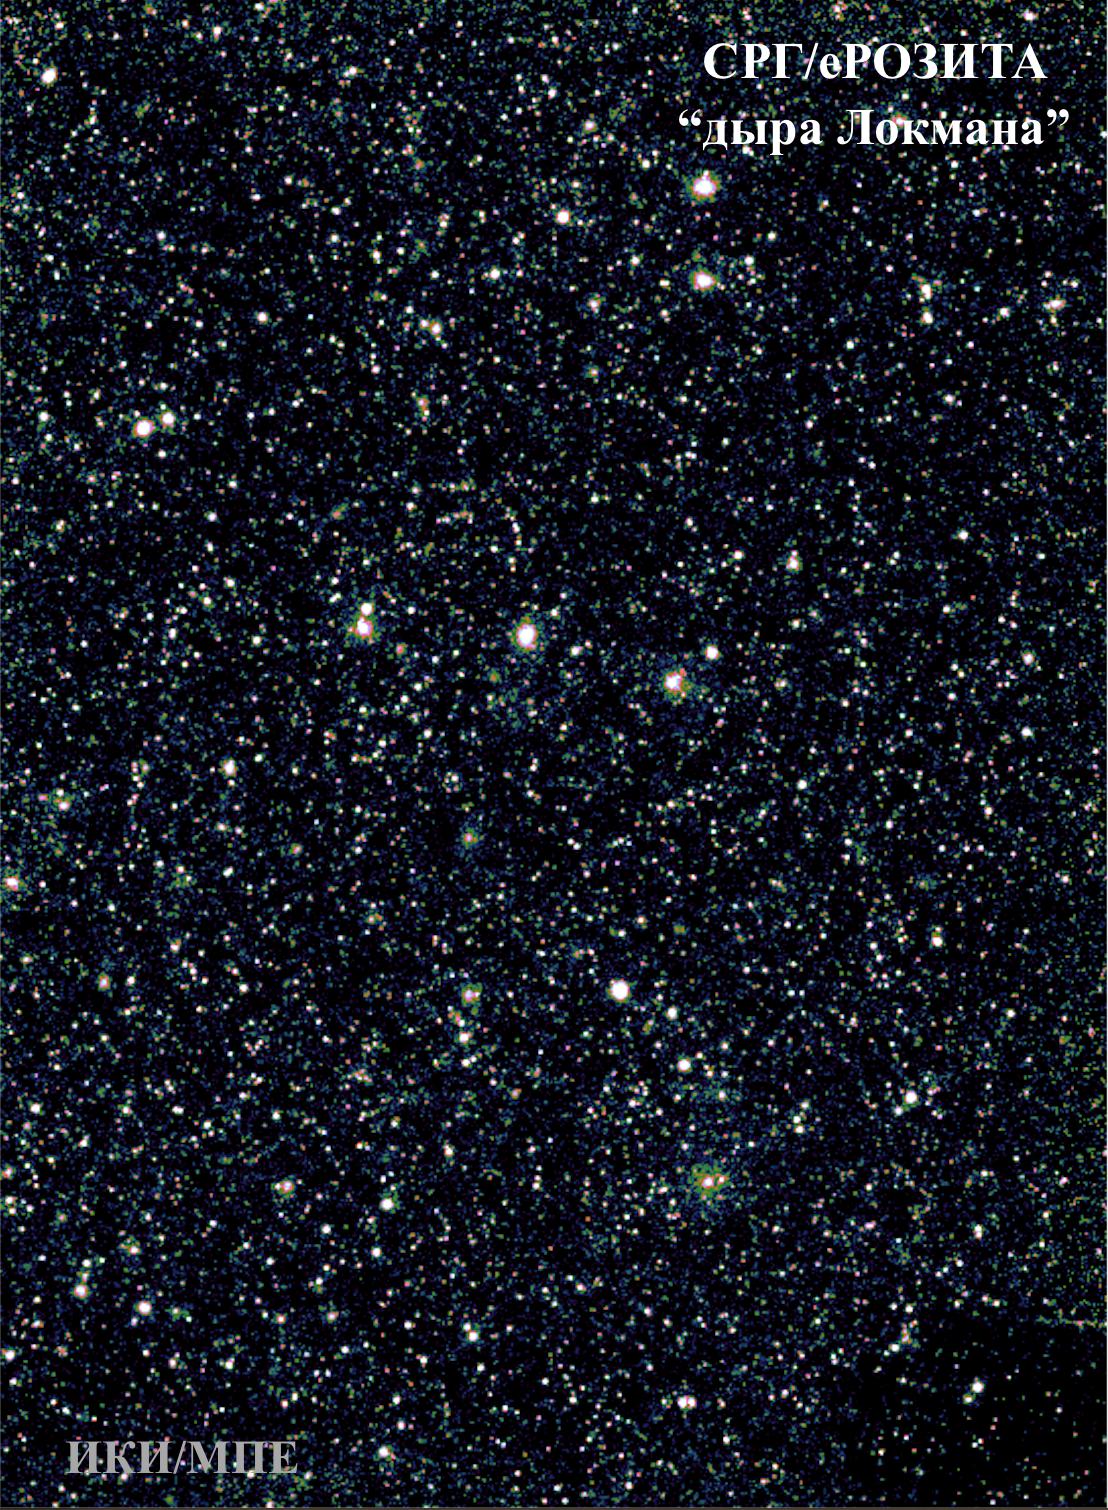 Орбитальная рентгеновская обсерватория СРГ начинает сканирование неба